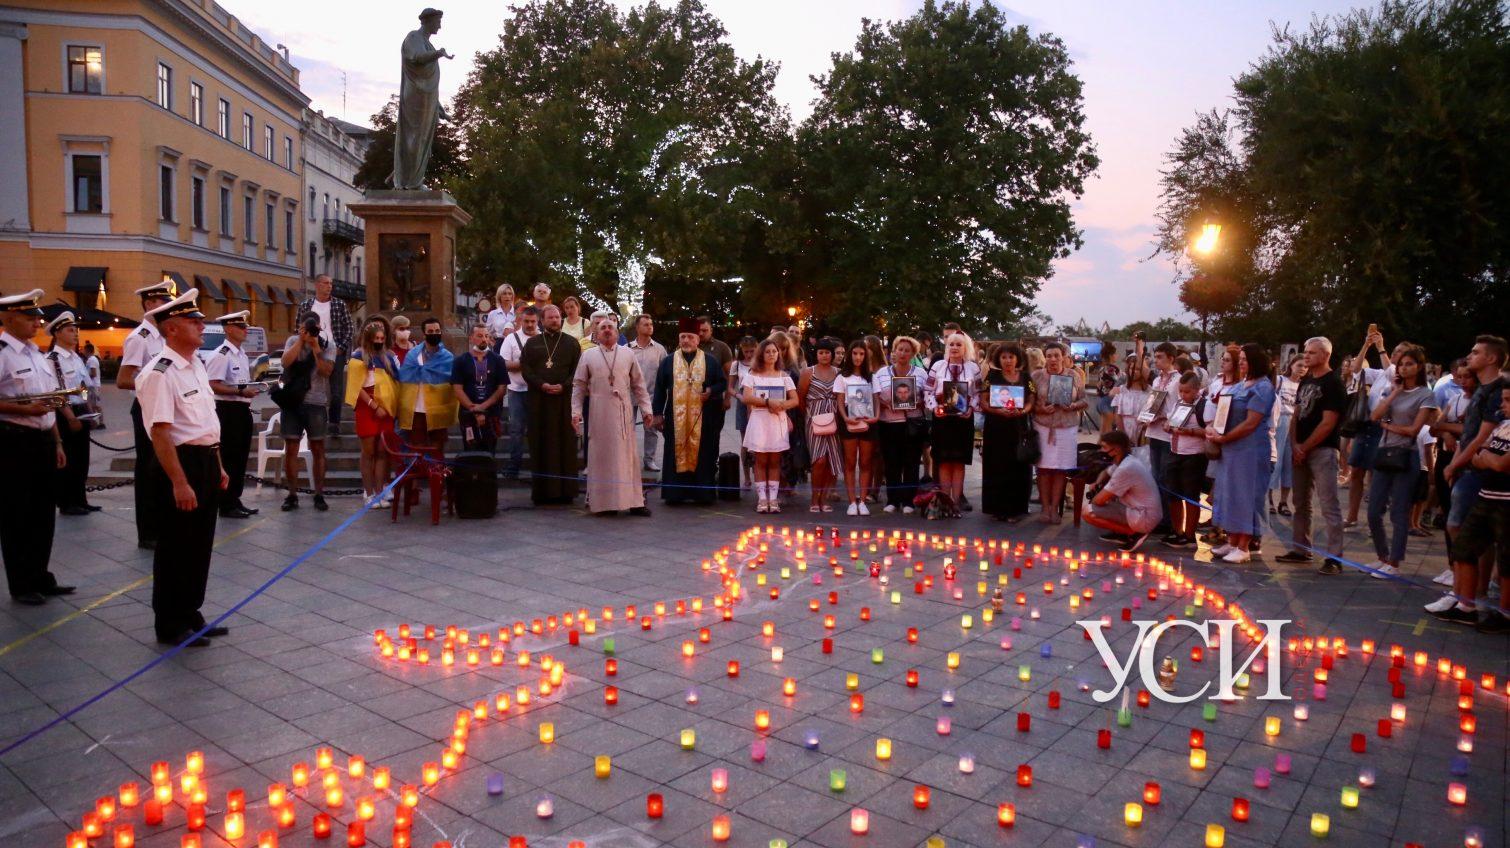 Карта Украины из лампадок: одесситы вышли на Приморский бульвар, чтобы почтить память защитников (фоторепортаж, видео) «фото»